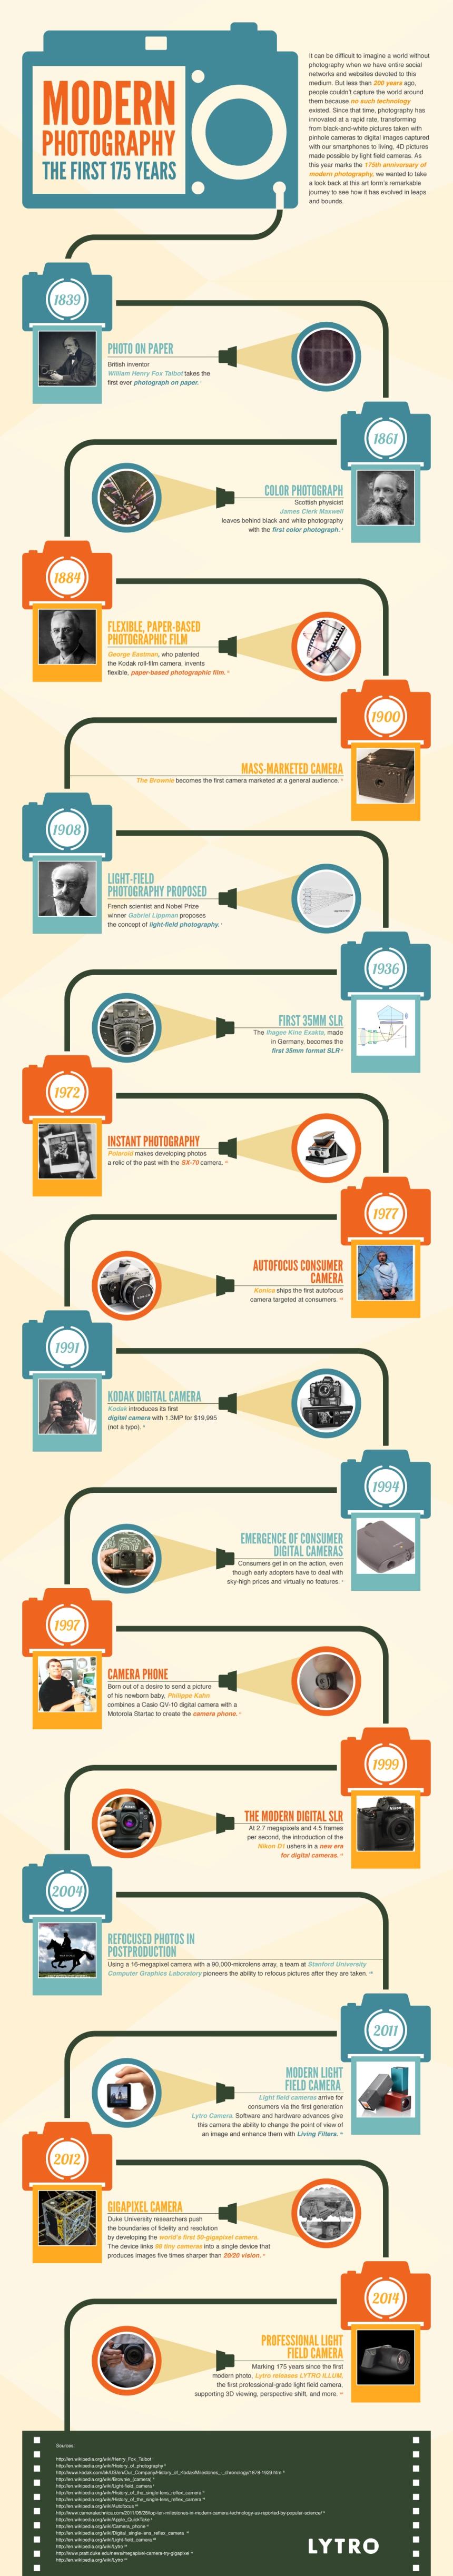 Los 175 primeros años de la fotografía